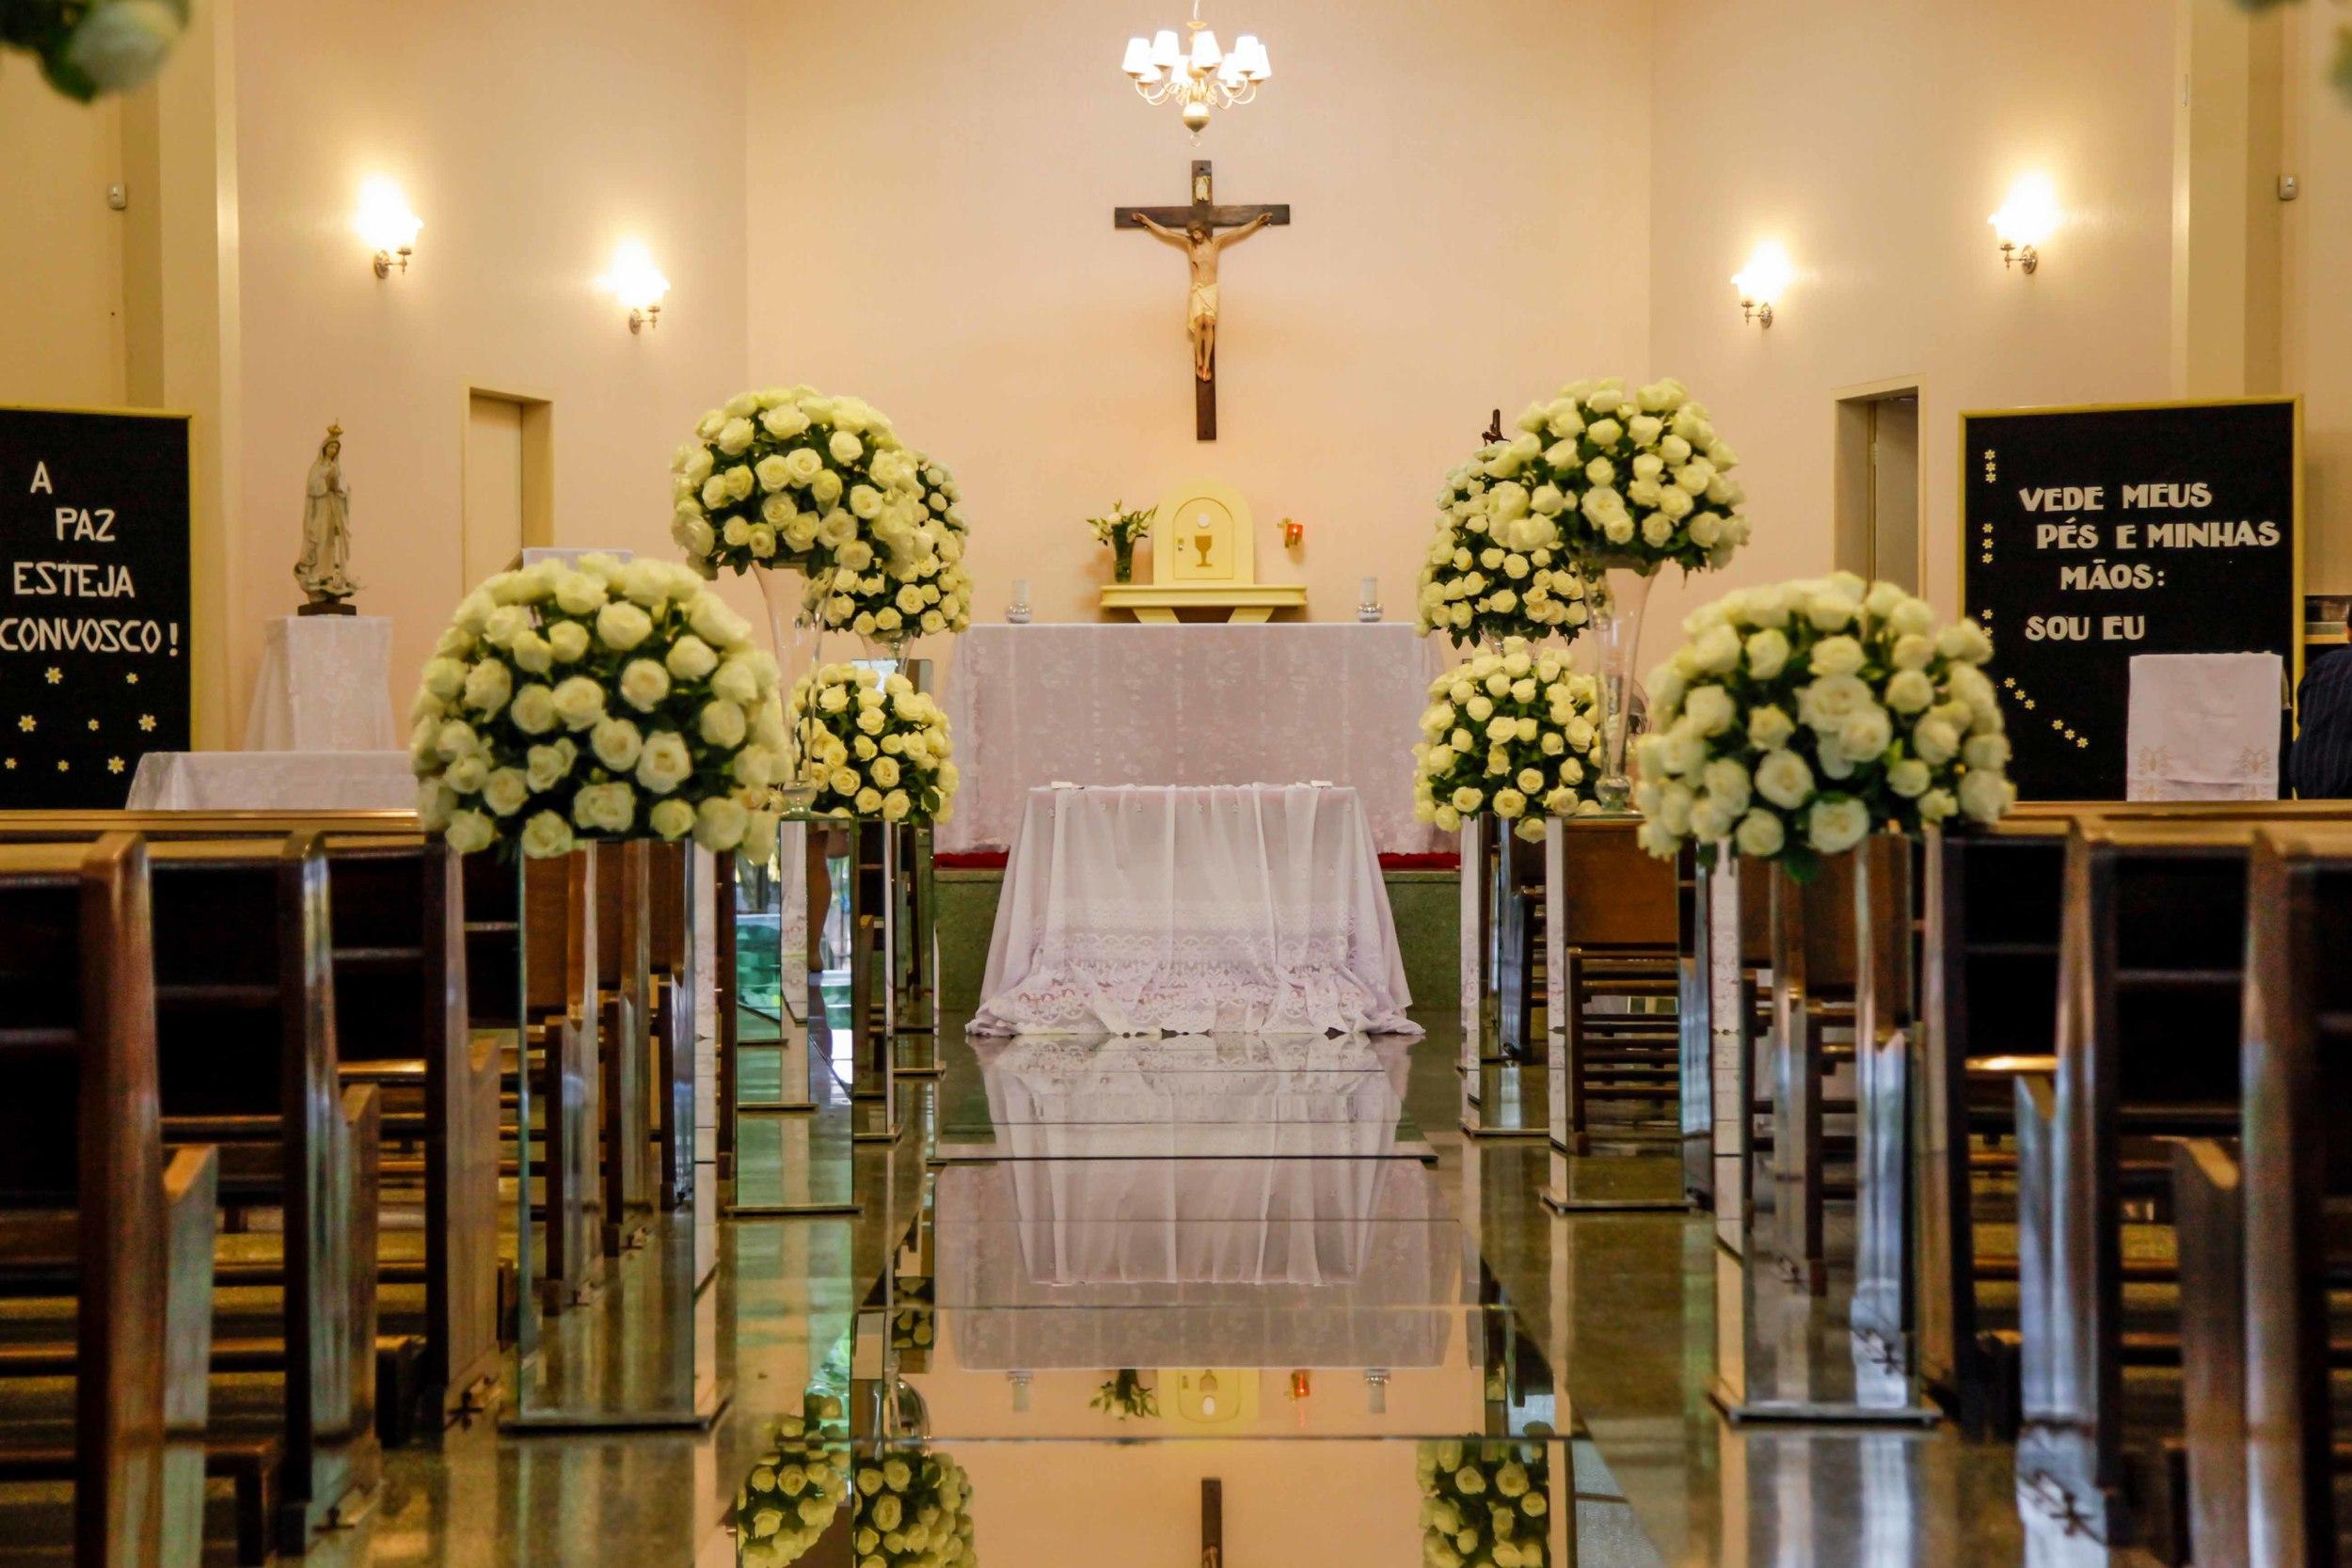 casamento em foz do iguacu - casamento Danielle e Marcelo - terecita eventos em foz - kiko sierich (26).jpg